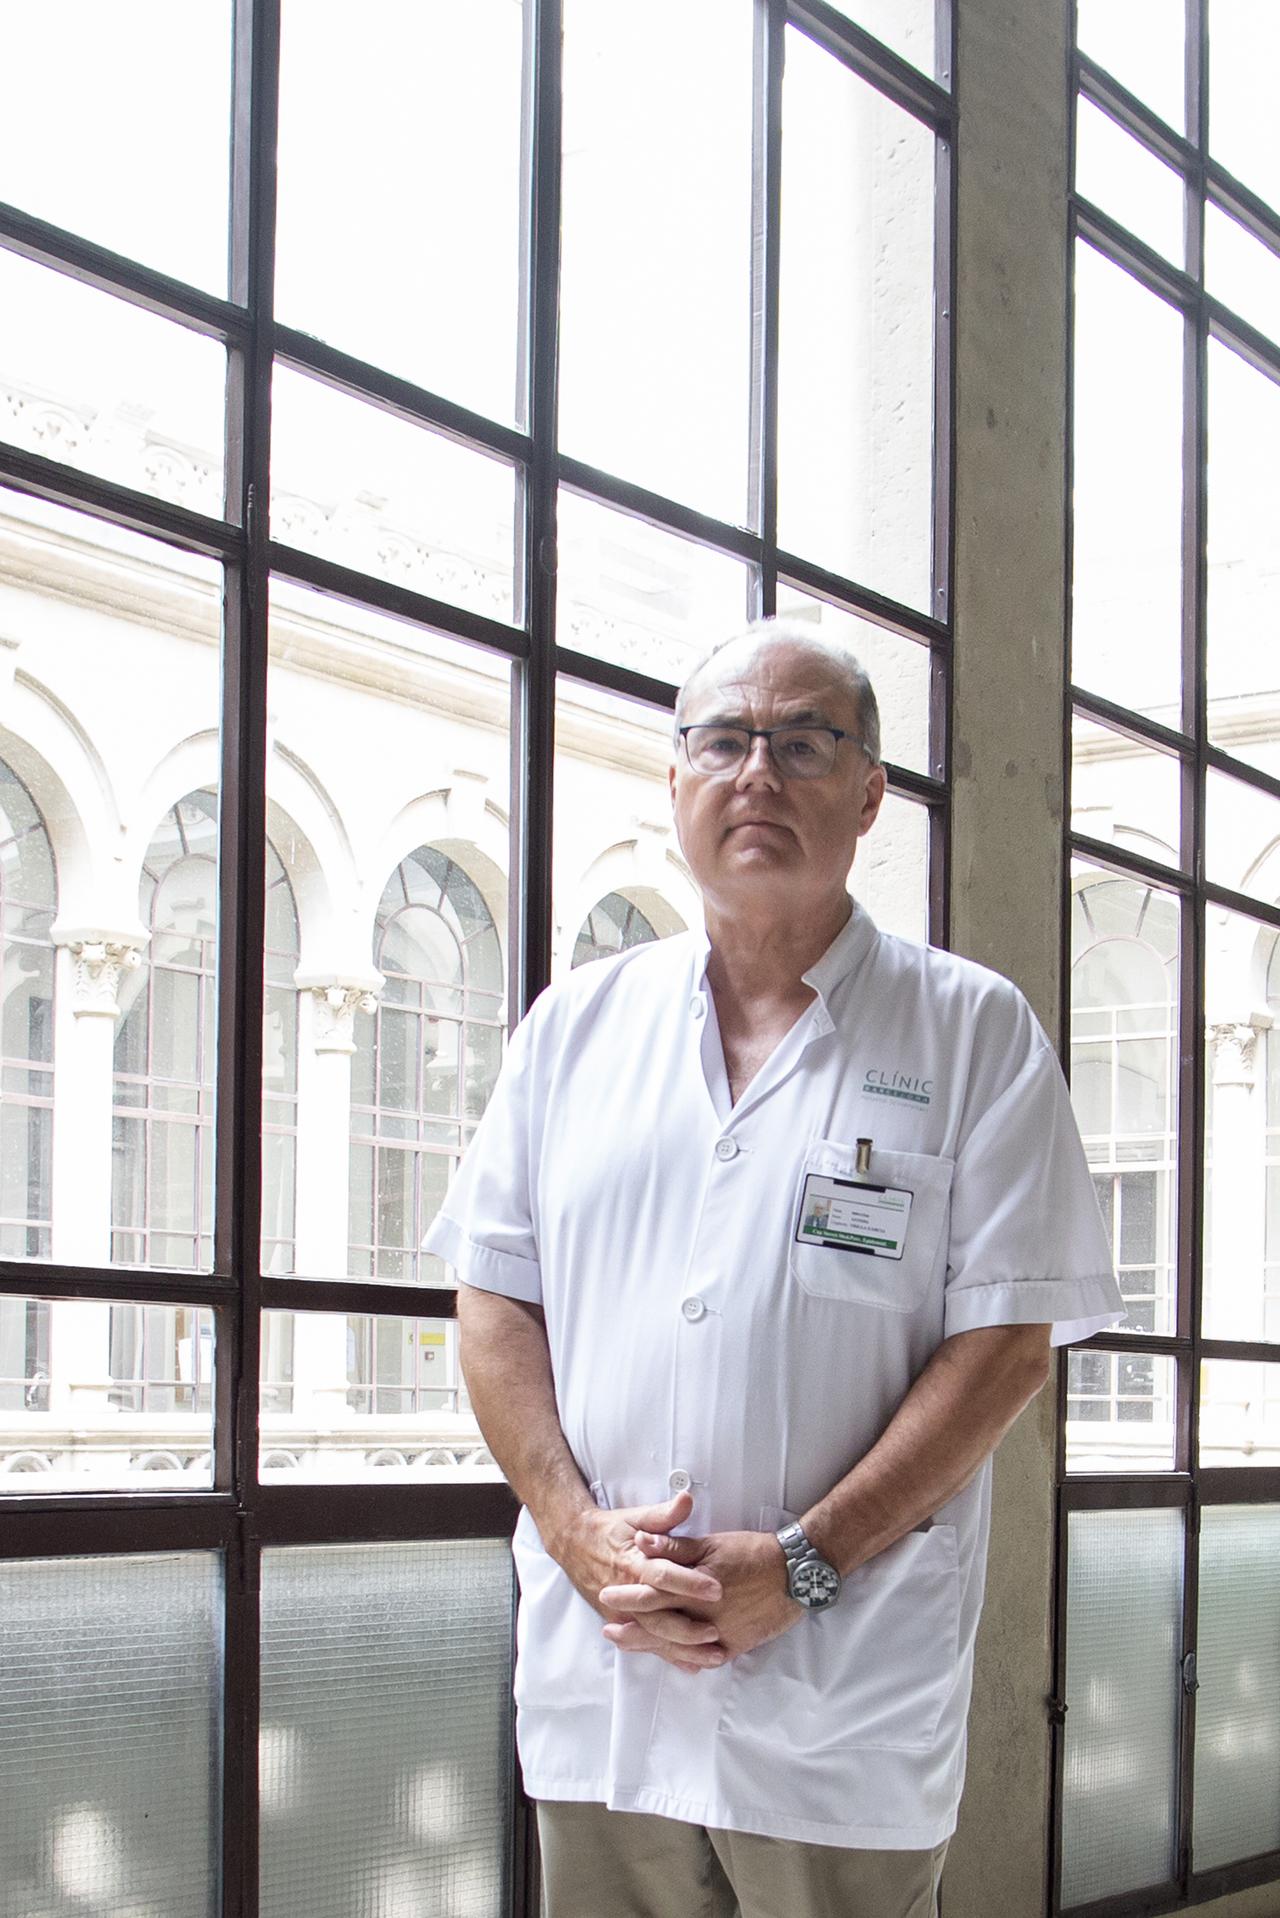 Antoni Trilla, jefe del Servicio de Medicina Preventiva y Epidemiolog�a del Hospital Cl��nico de Barcelona, y decano de la facultad de Medicina de la Universidad de Barcelona (UB).